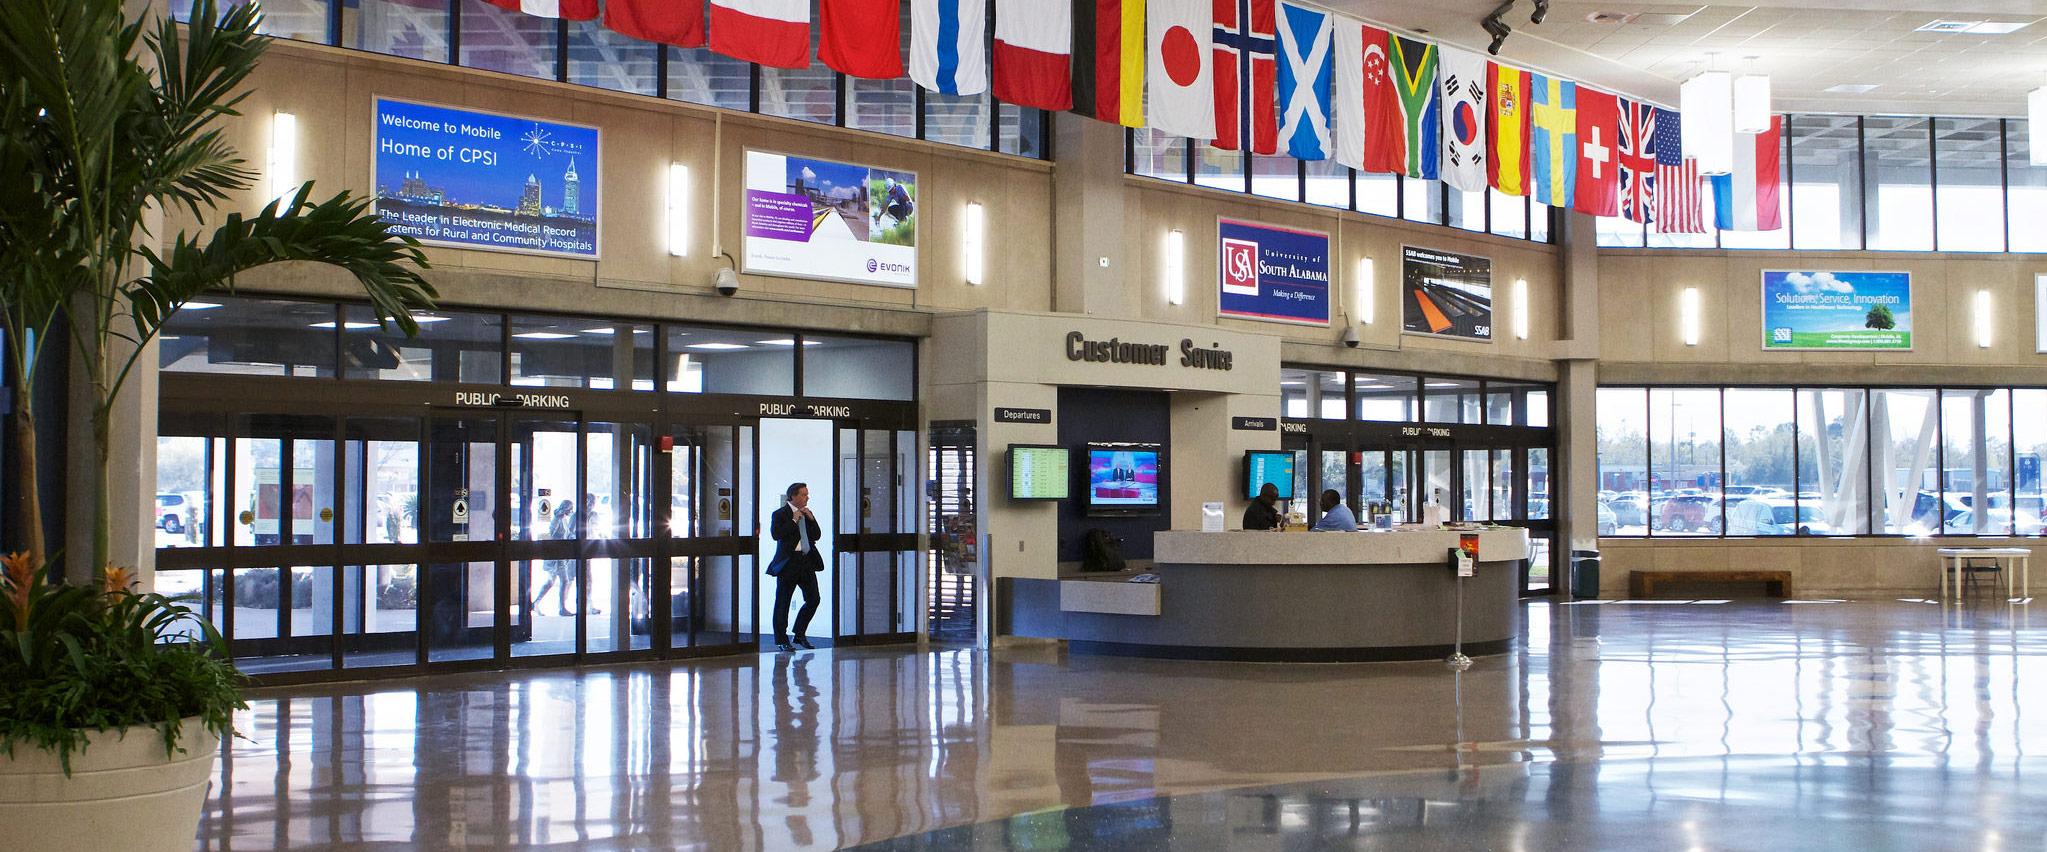 MRA entrance lobby